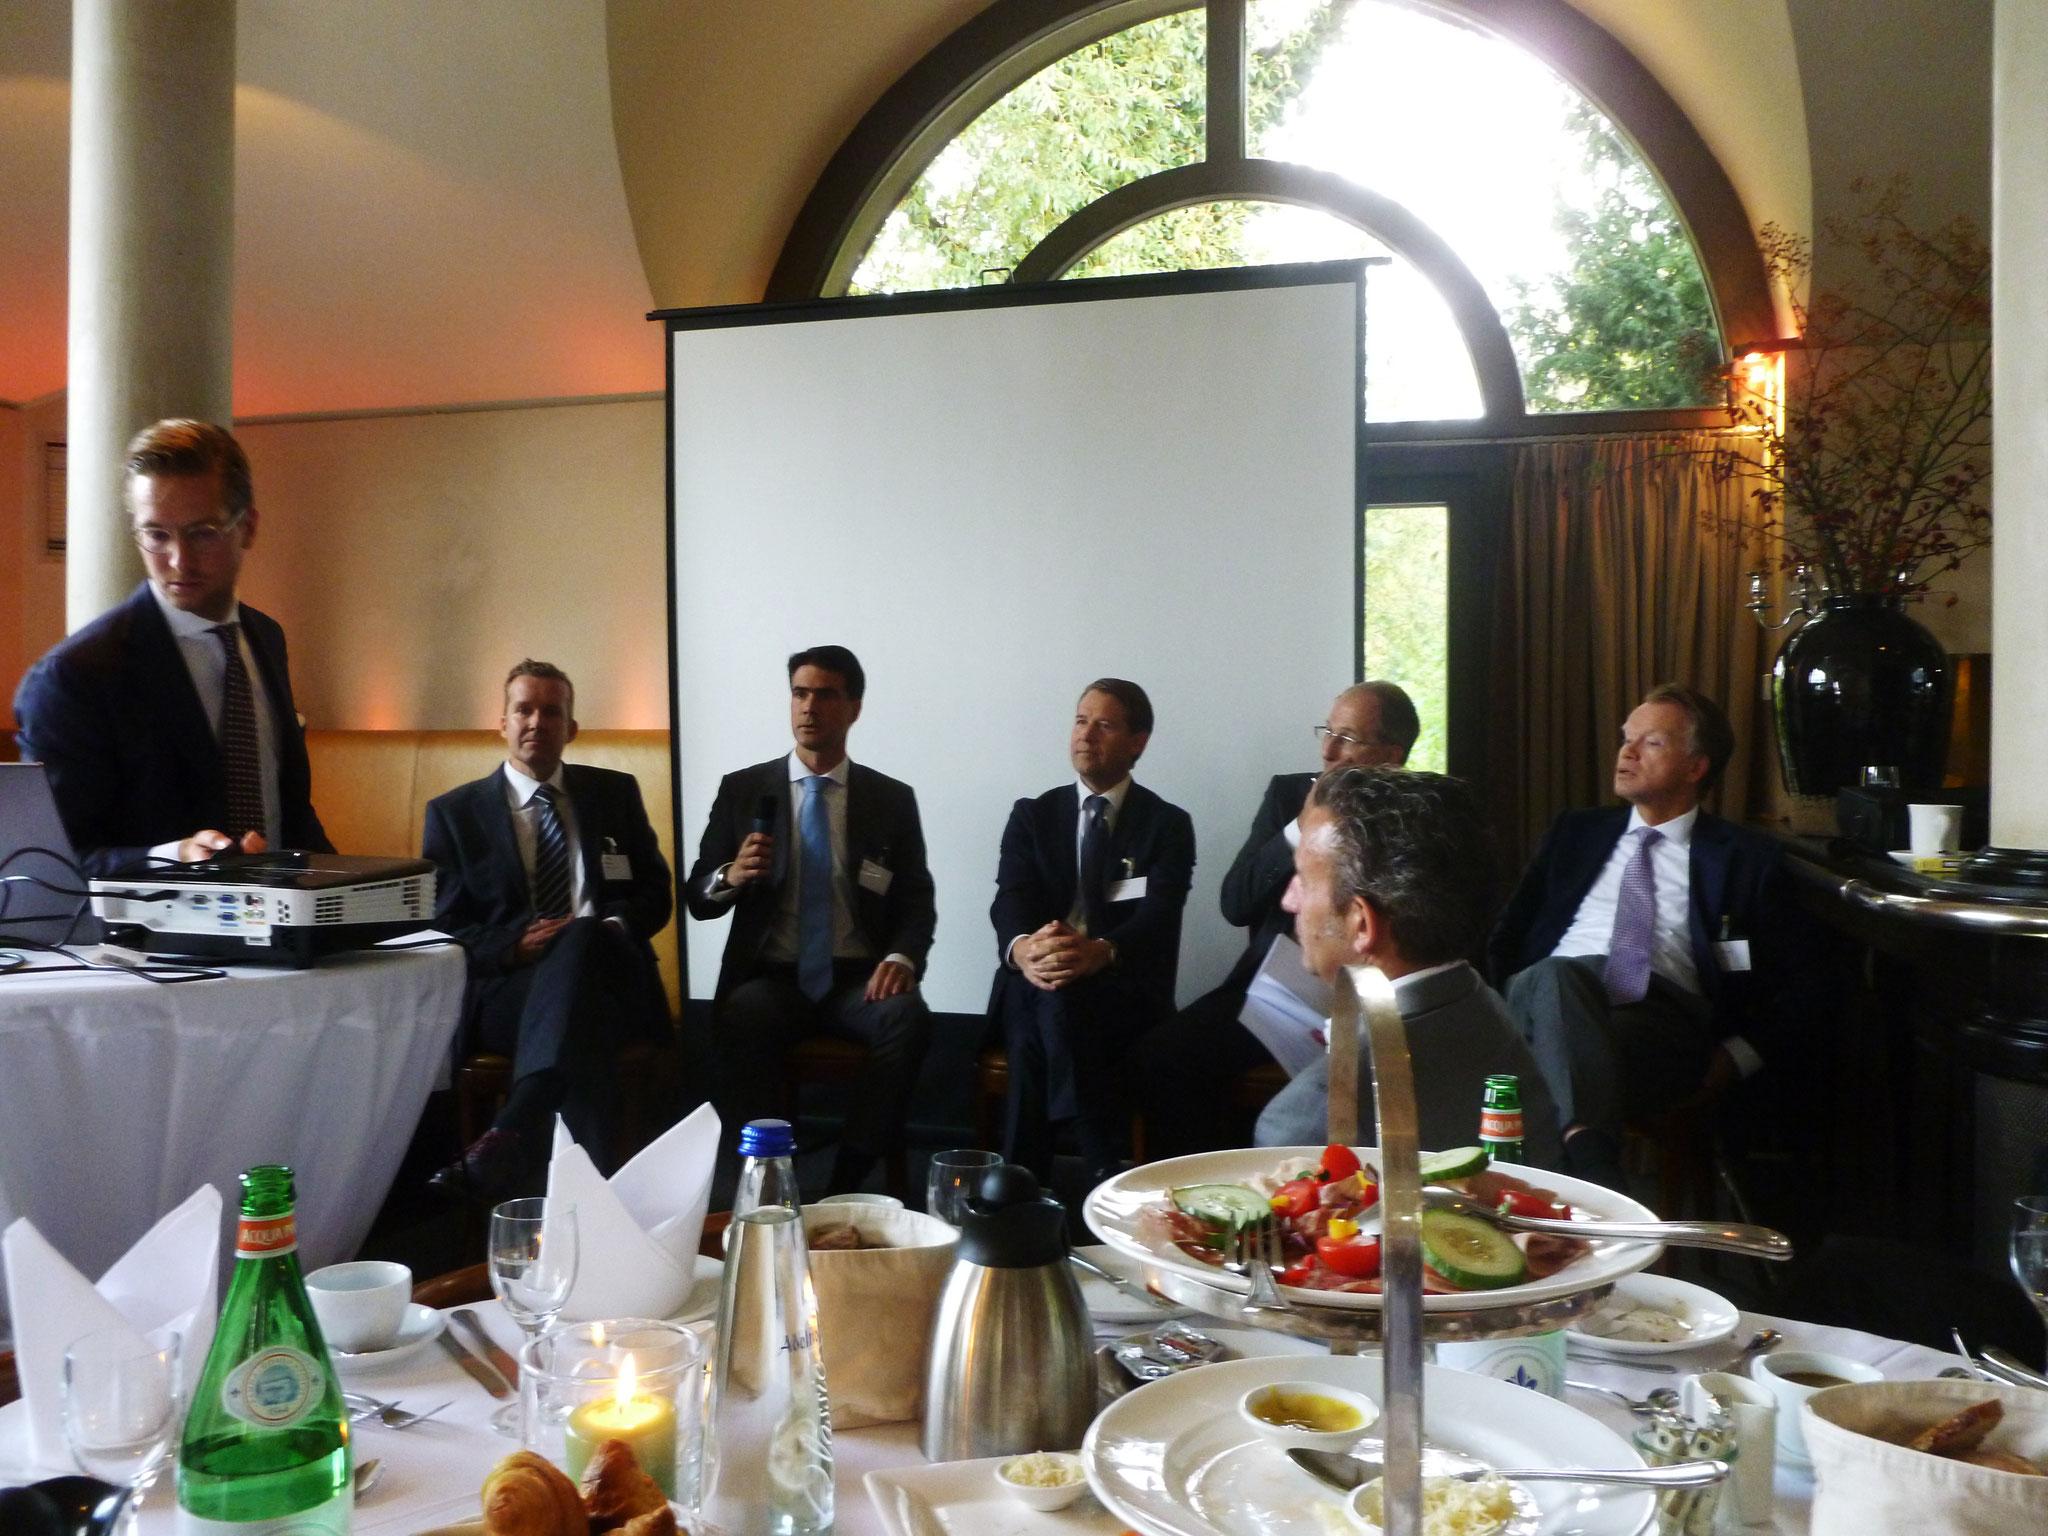 Paneldiskussion: von links Sebastian Seibold - Maturus Finance, Peter Klaus - Eurofactor,  Dr. Markus Geiger - Kartesia Advisor LLP, Dr. Daniel C. Heine - Patrimonium, Dr. Andreas Kloyer - BRSI,  LUTHER RA, Carl-Jan von der Goltz - Maturus Finance